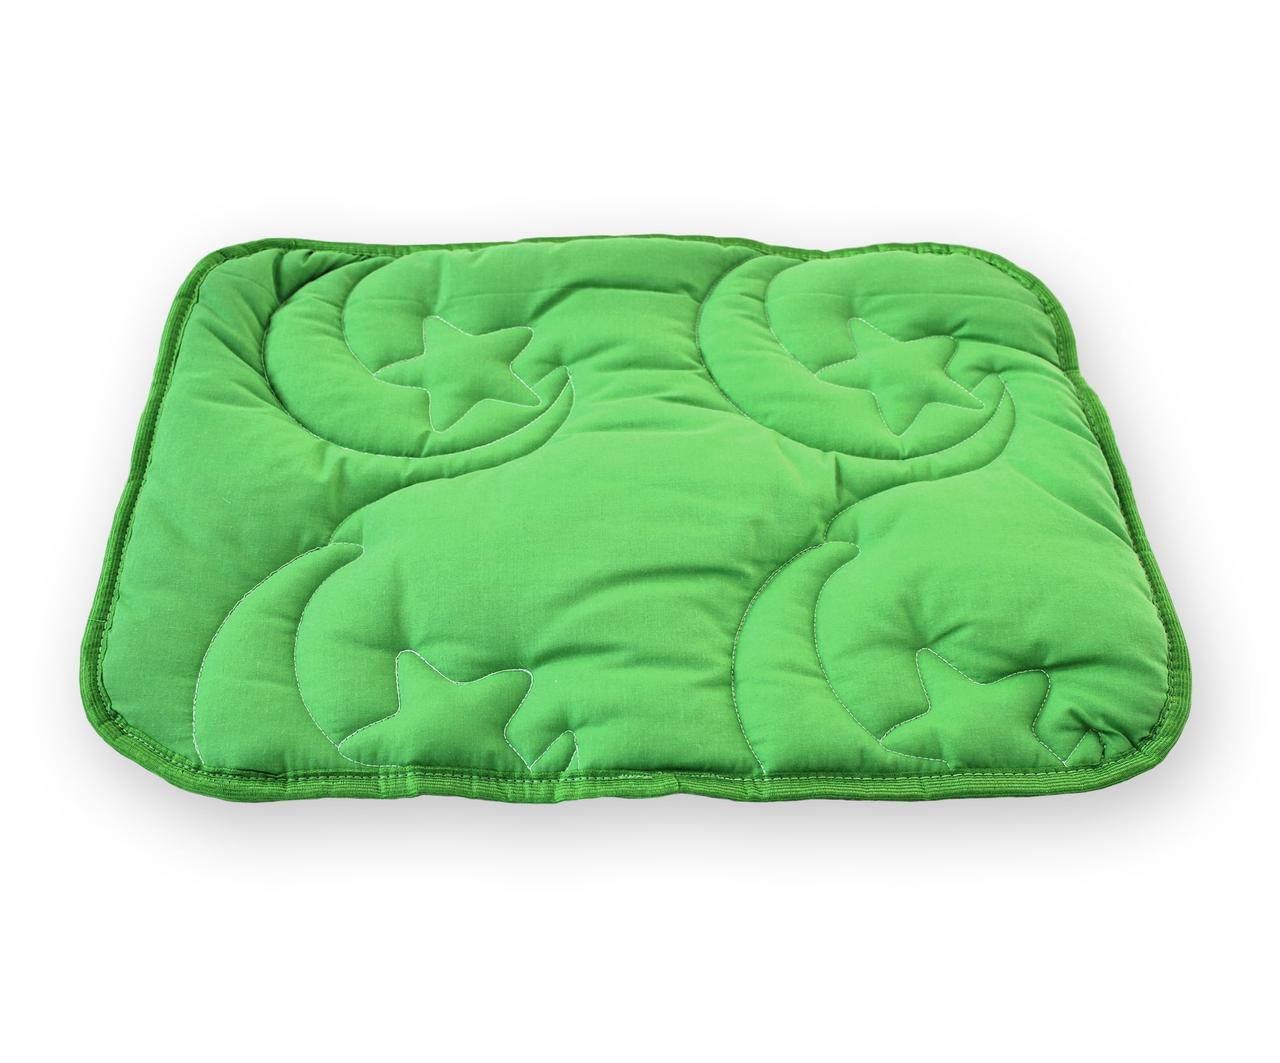 Подушка для младенцев QSLEEP, хлопок+шерсть, 40*55см, белая (031) стеганое, 55.0, зеленый, зеленый